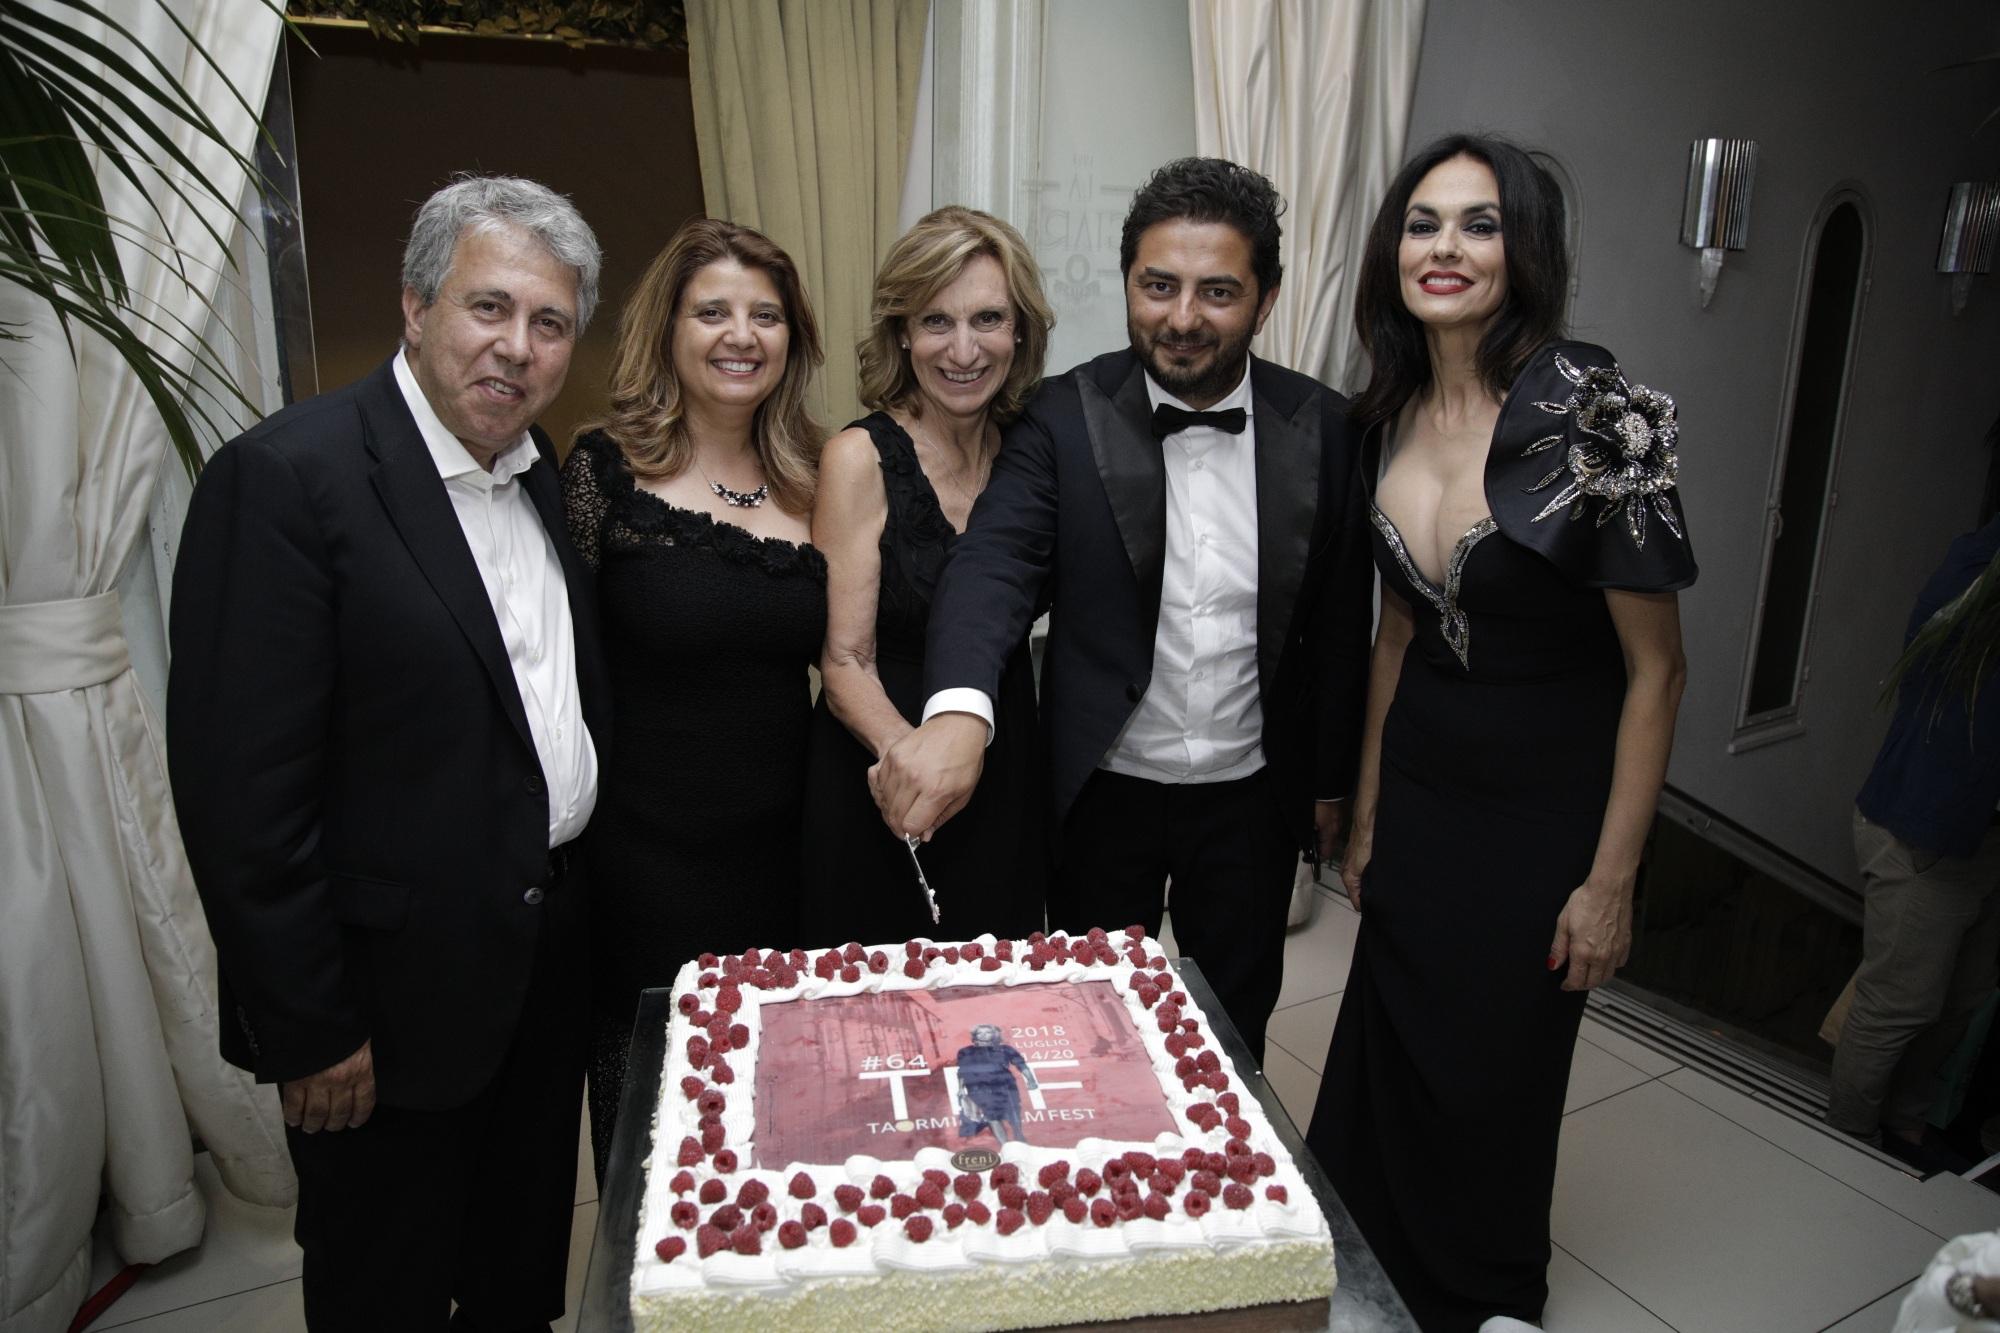 Il Traditore: il Taormina Film Fest ci ricorda che merda è la mafia